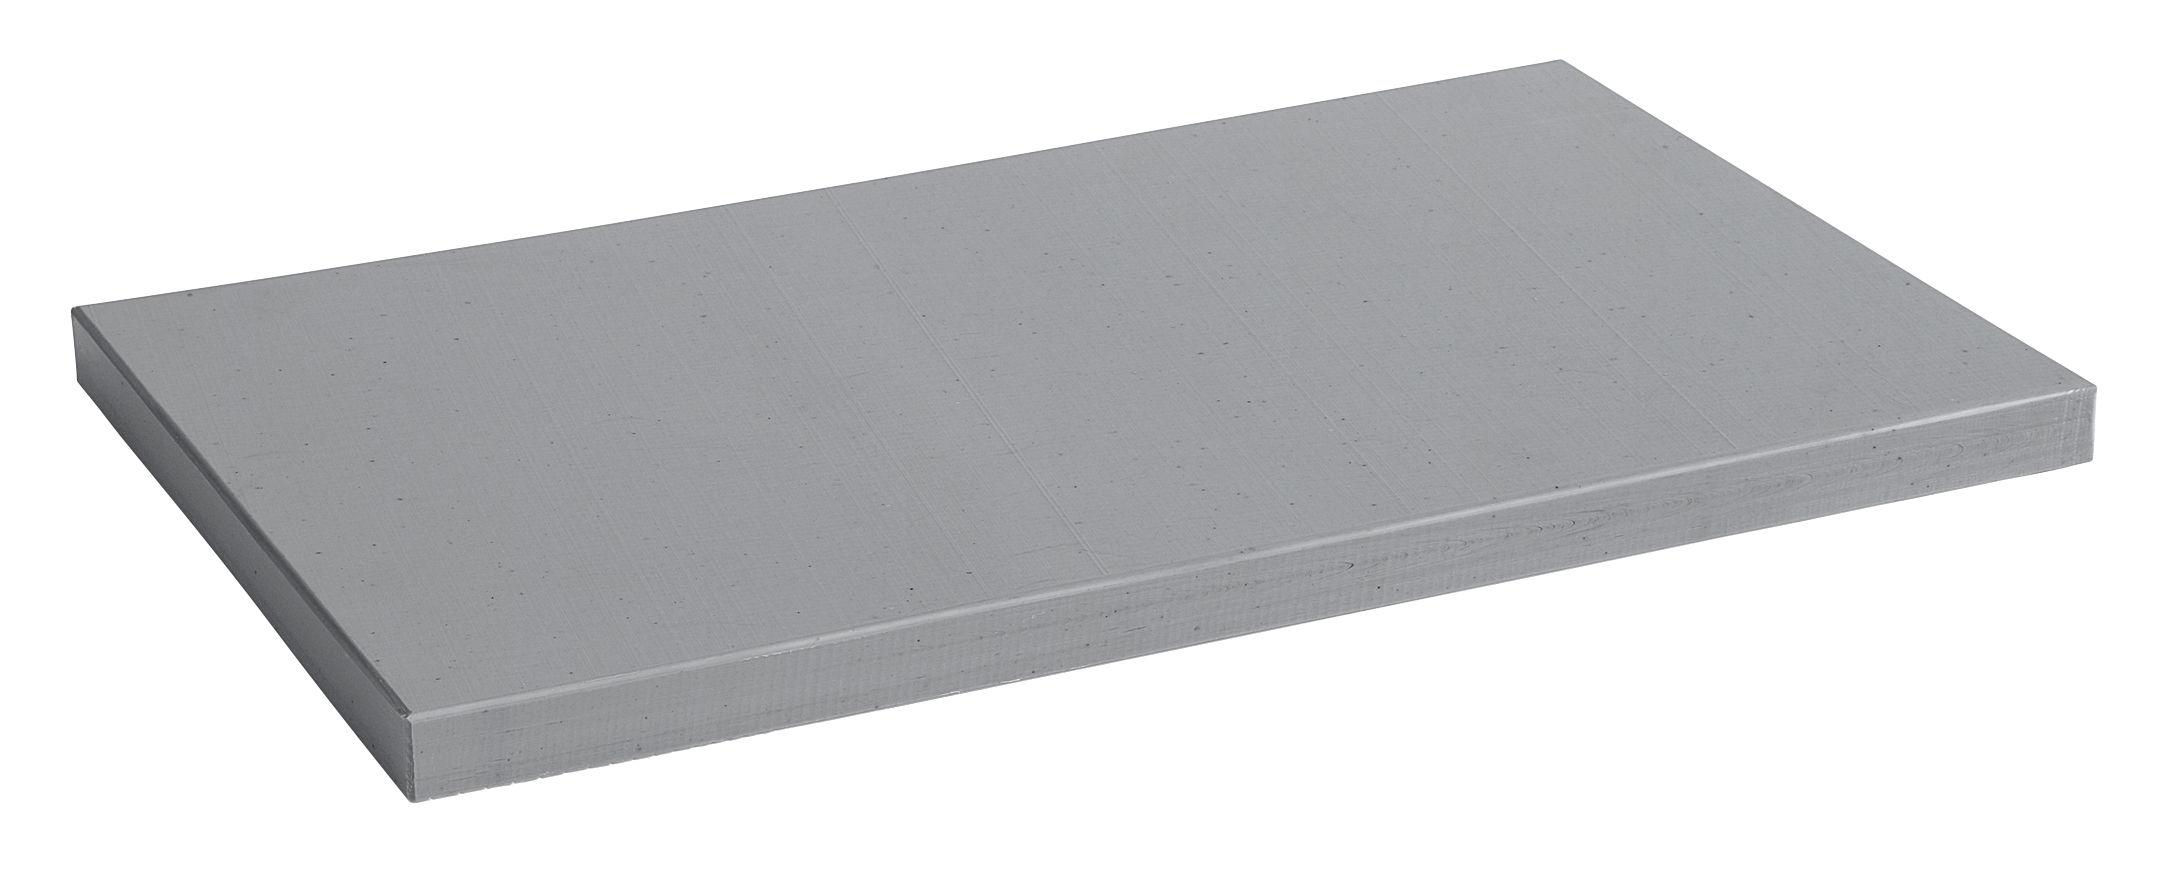 Cucina - Utensili da cucina - Tagliere XL - / 50 x 30 cm - Polietilene di Hay - Grigio - Polietilene